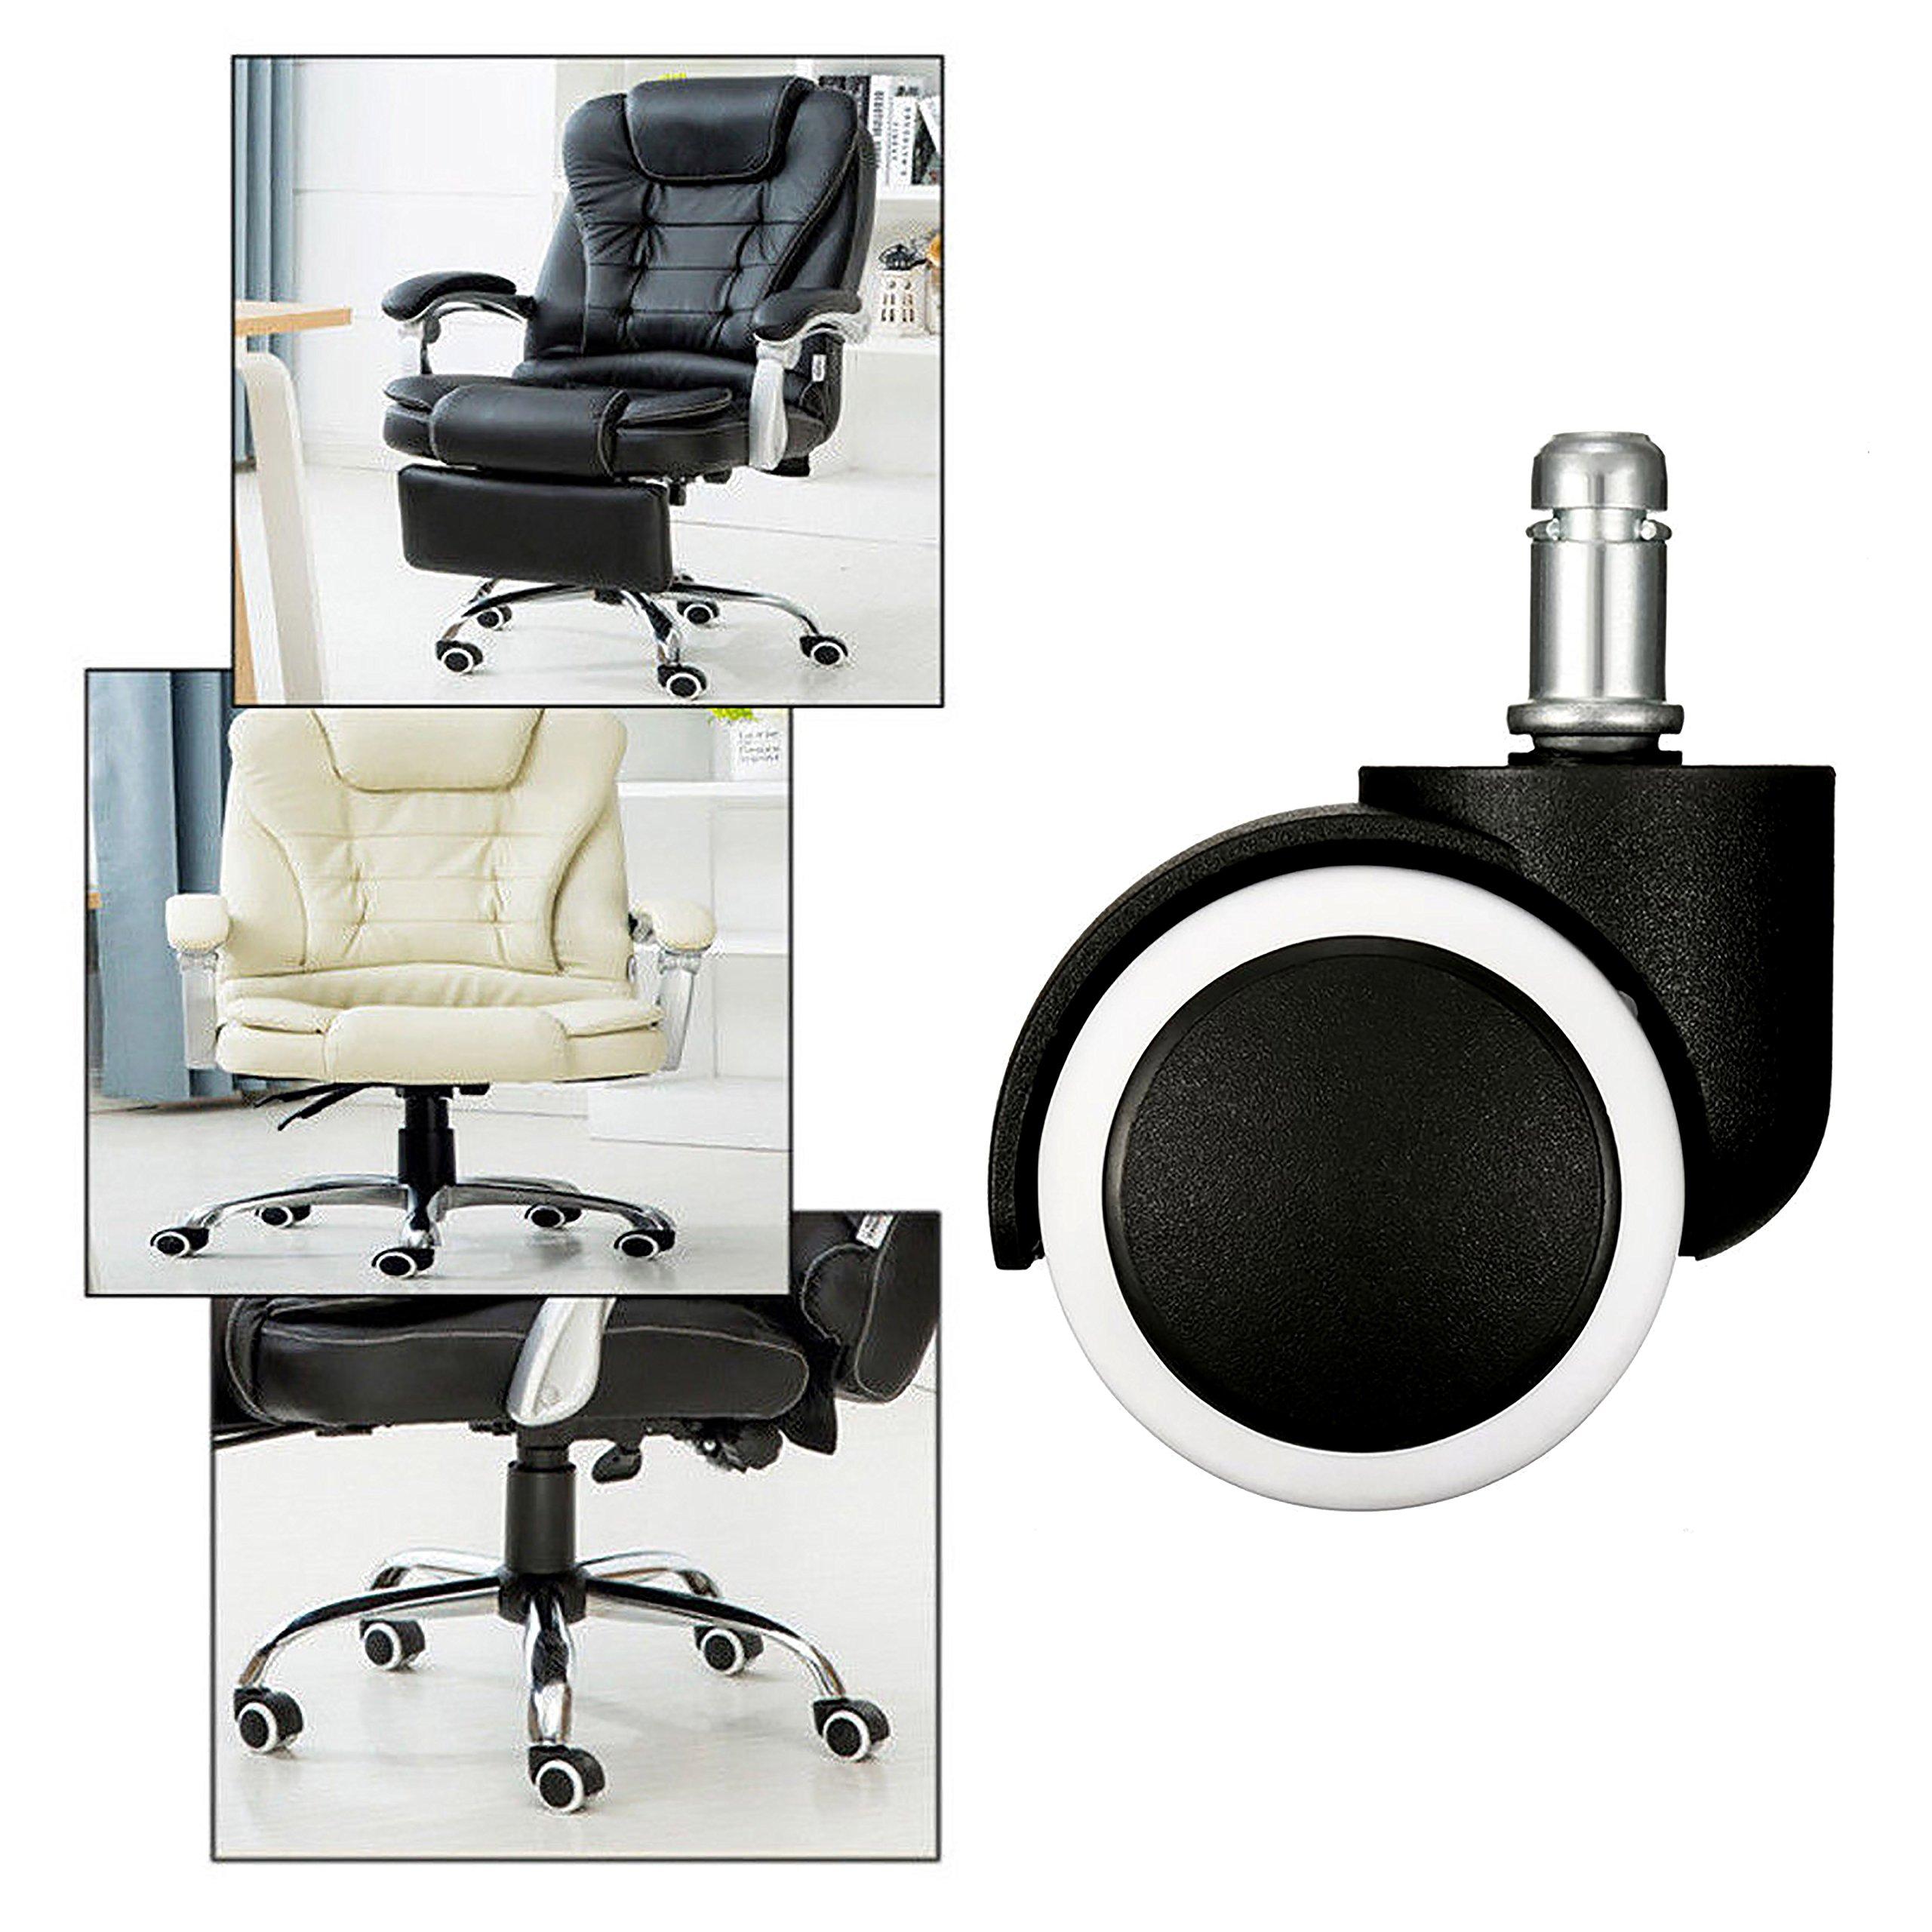 Ricambi Per Sedie Ufficio.Accessori Arredamento Cancelleria E Prodotti Per Ufficio Qh Shop